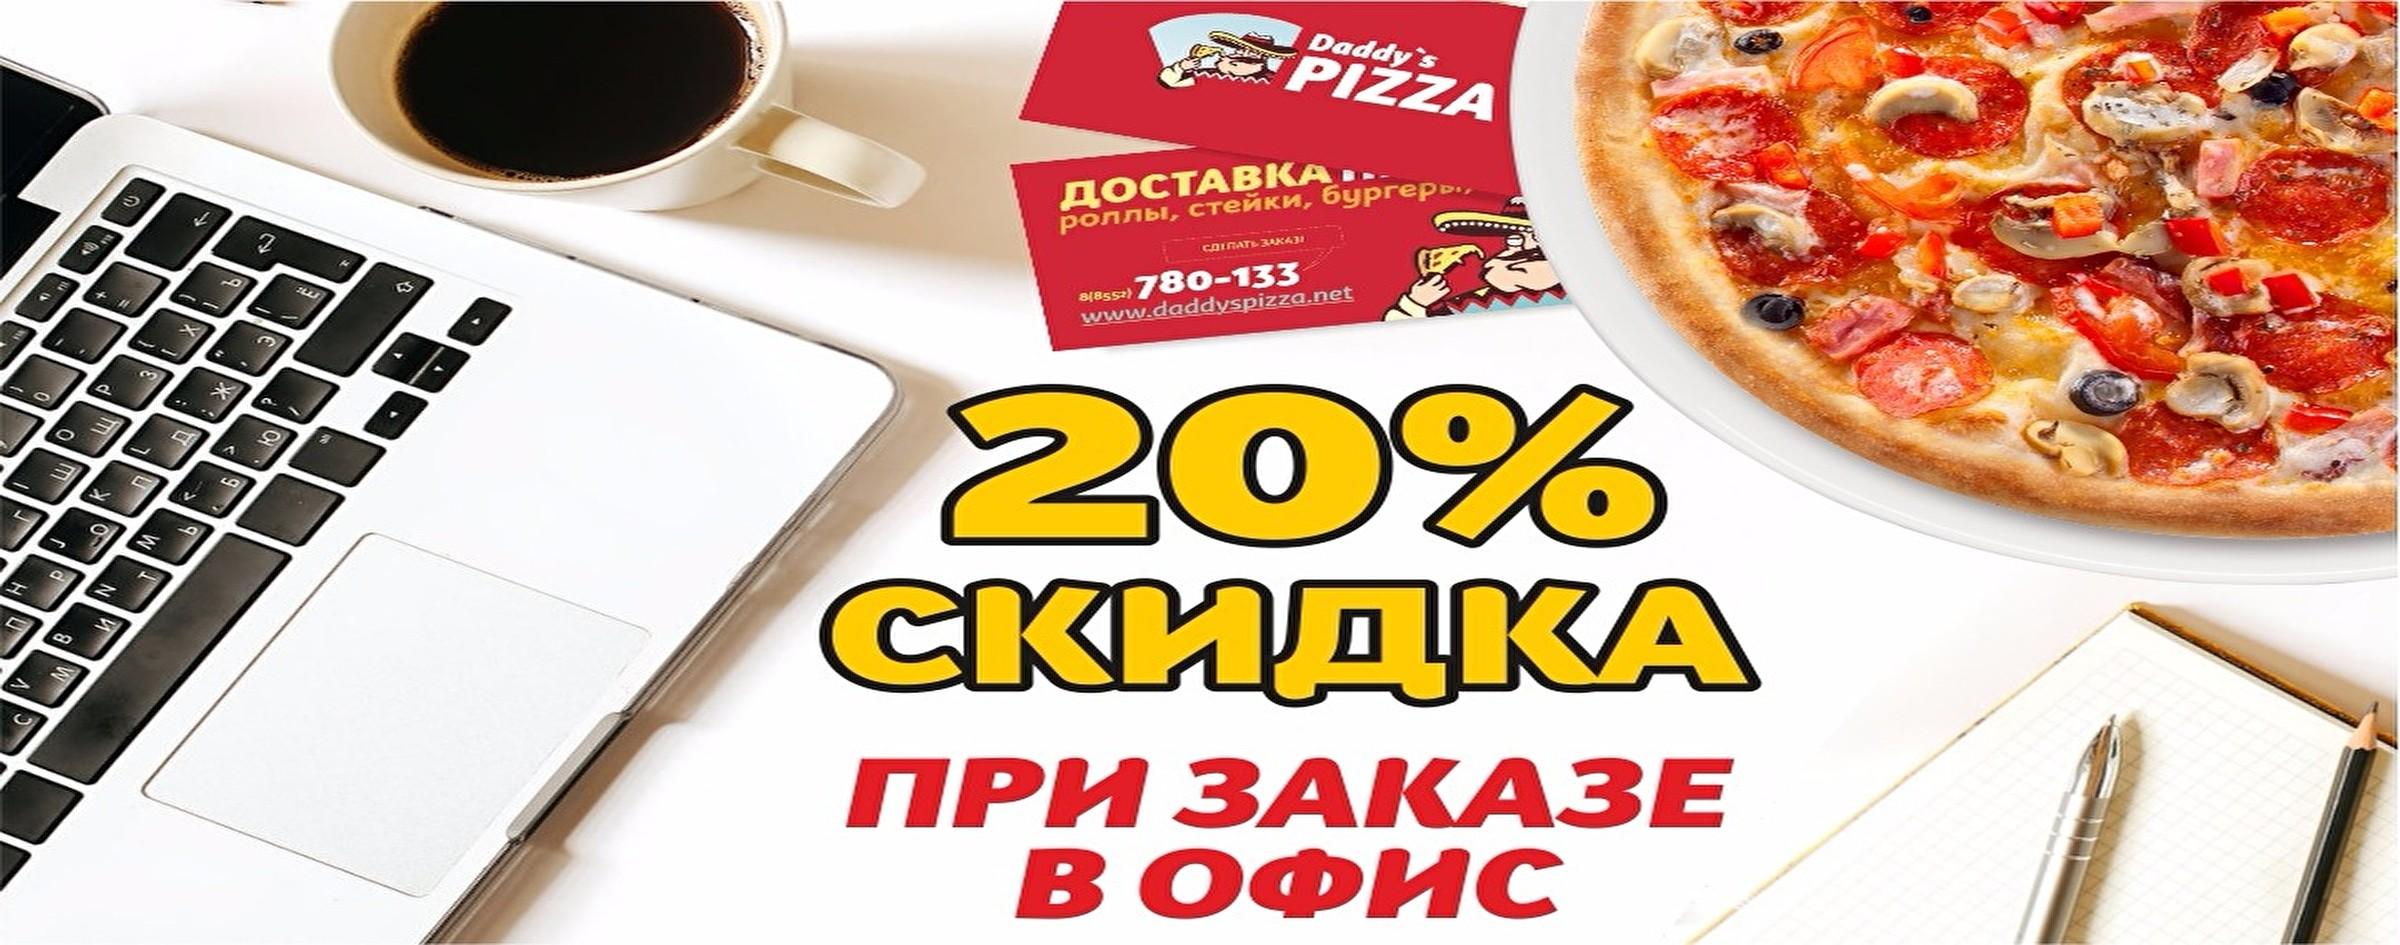 20% Скидка при заказе в офис